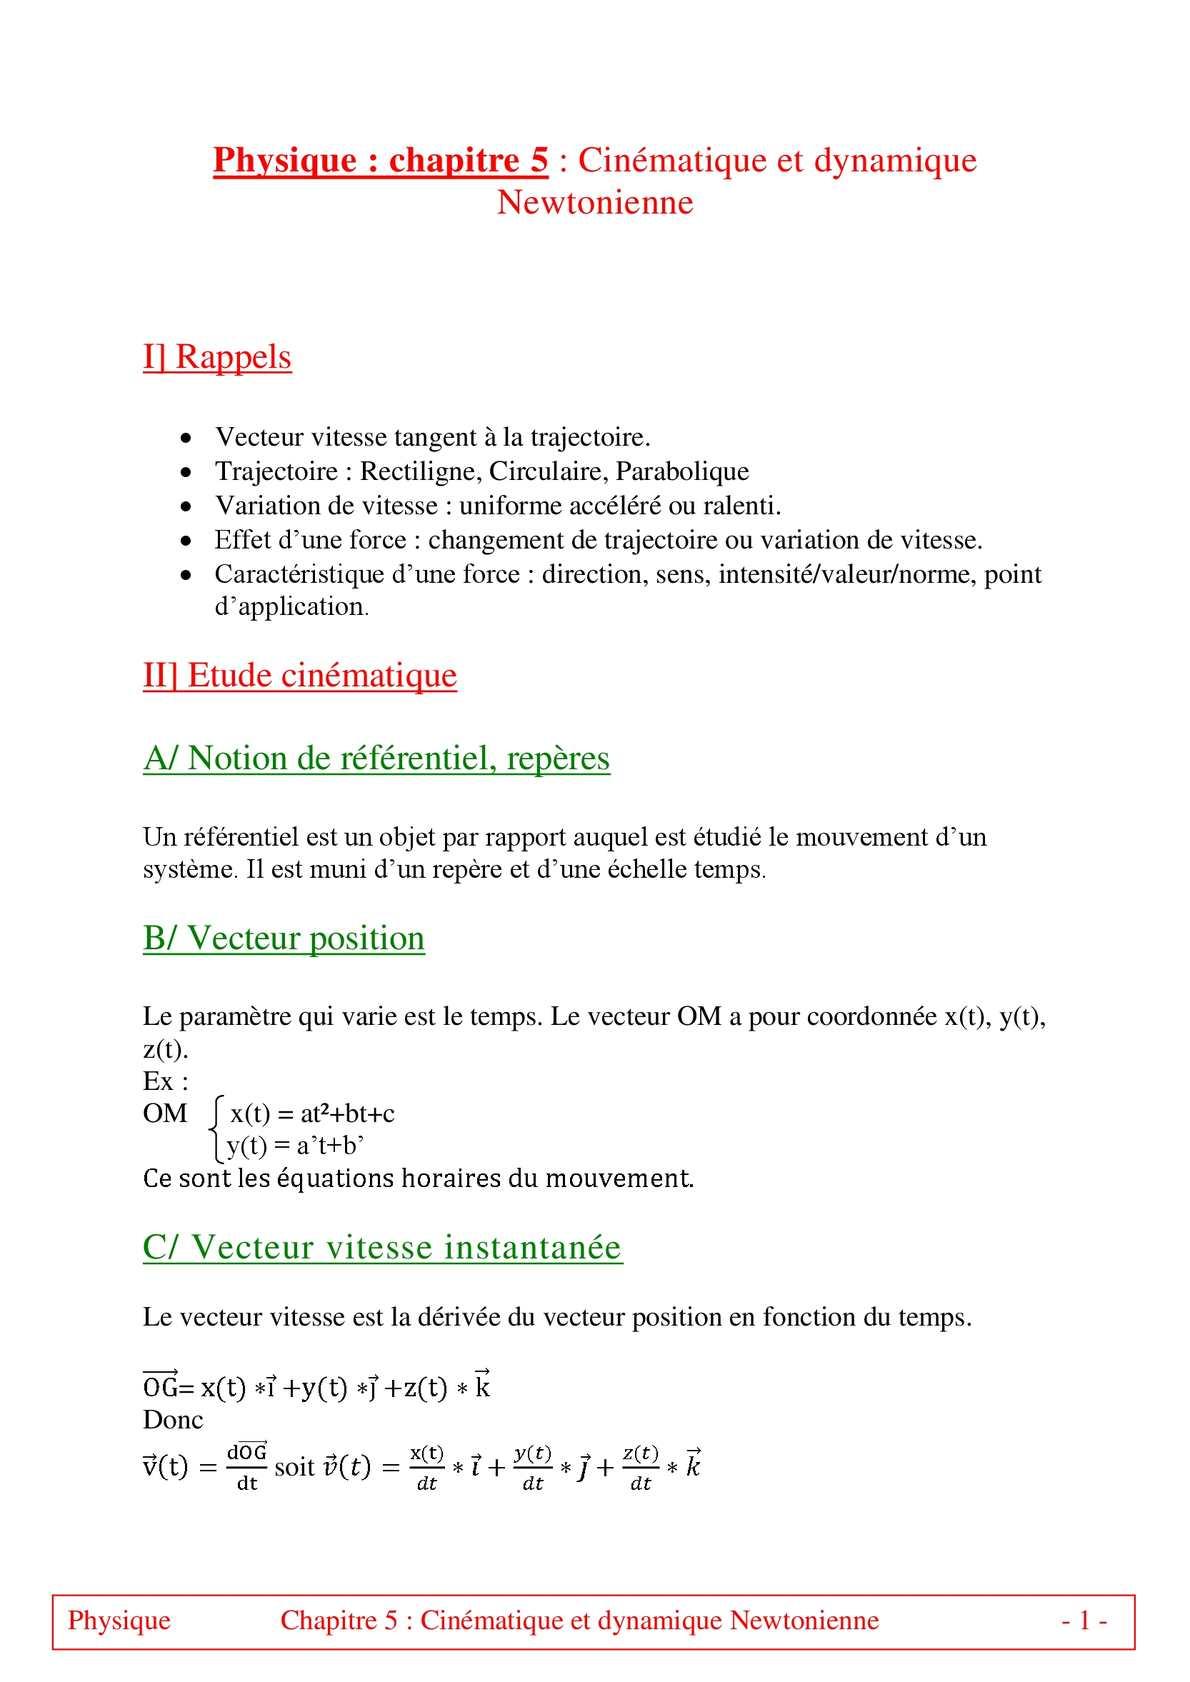 TS - PHYSIQUE/CHIMIE – Chapitre 5 bis | JéSky.fr